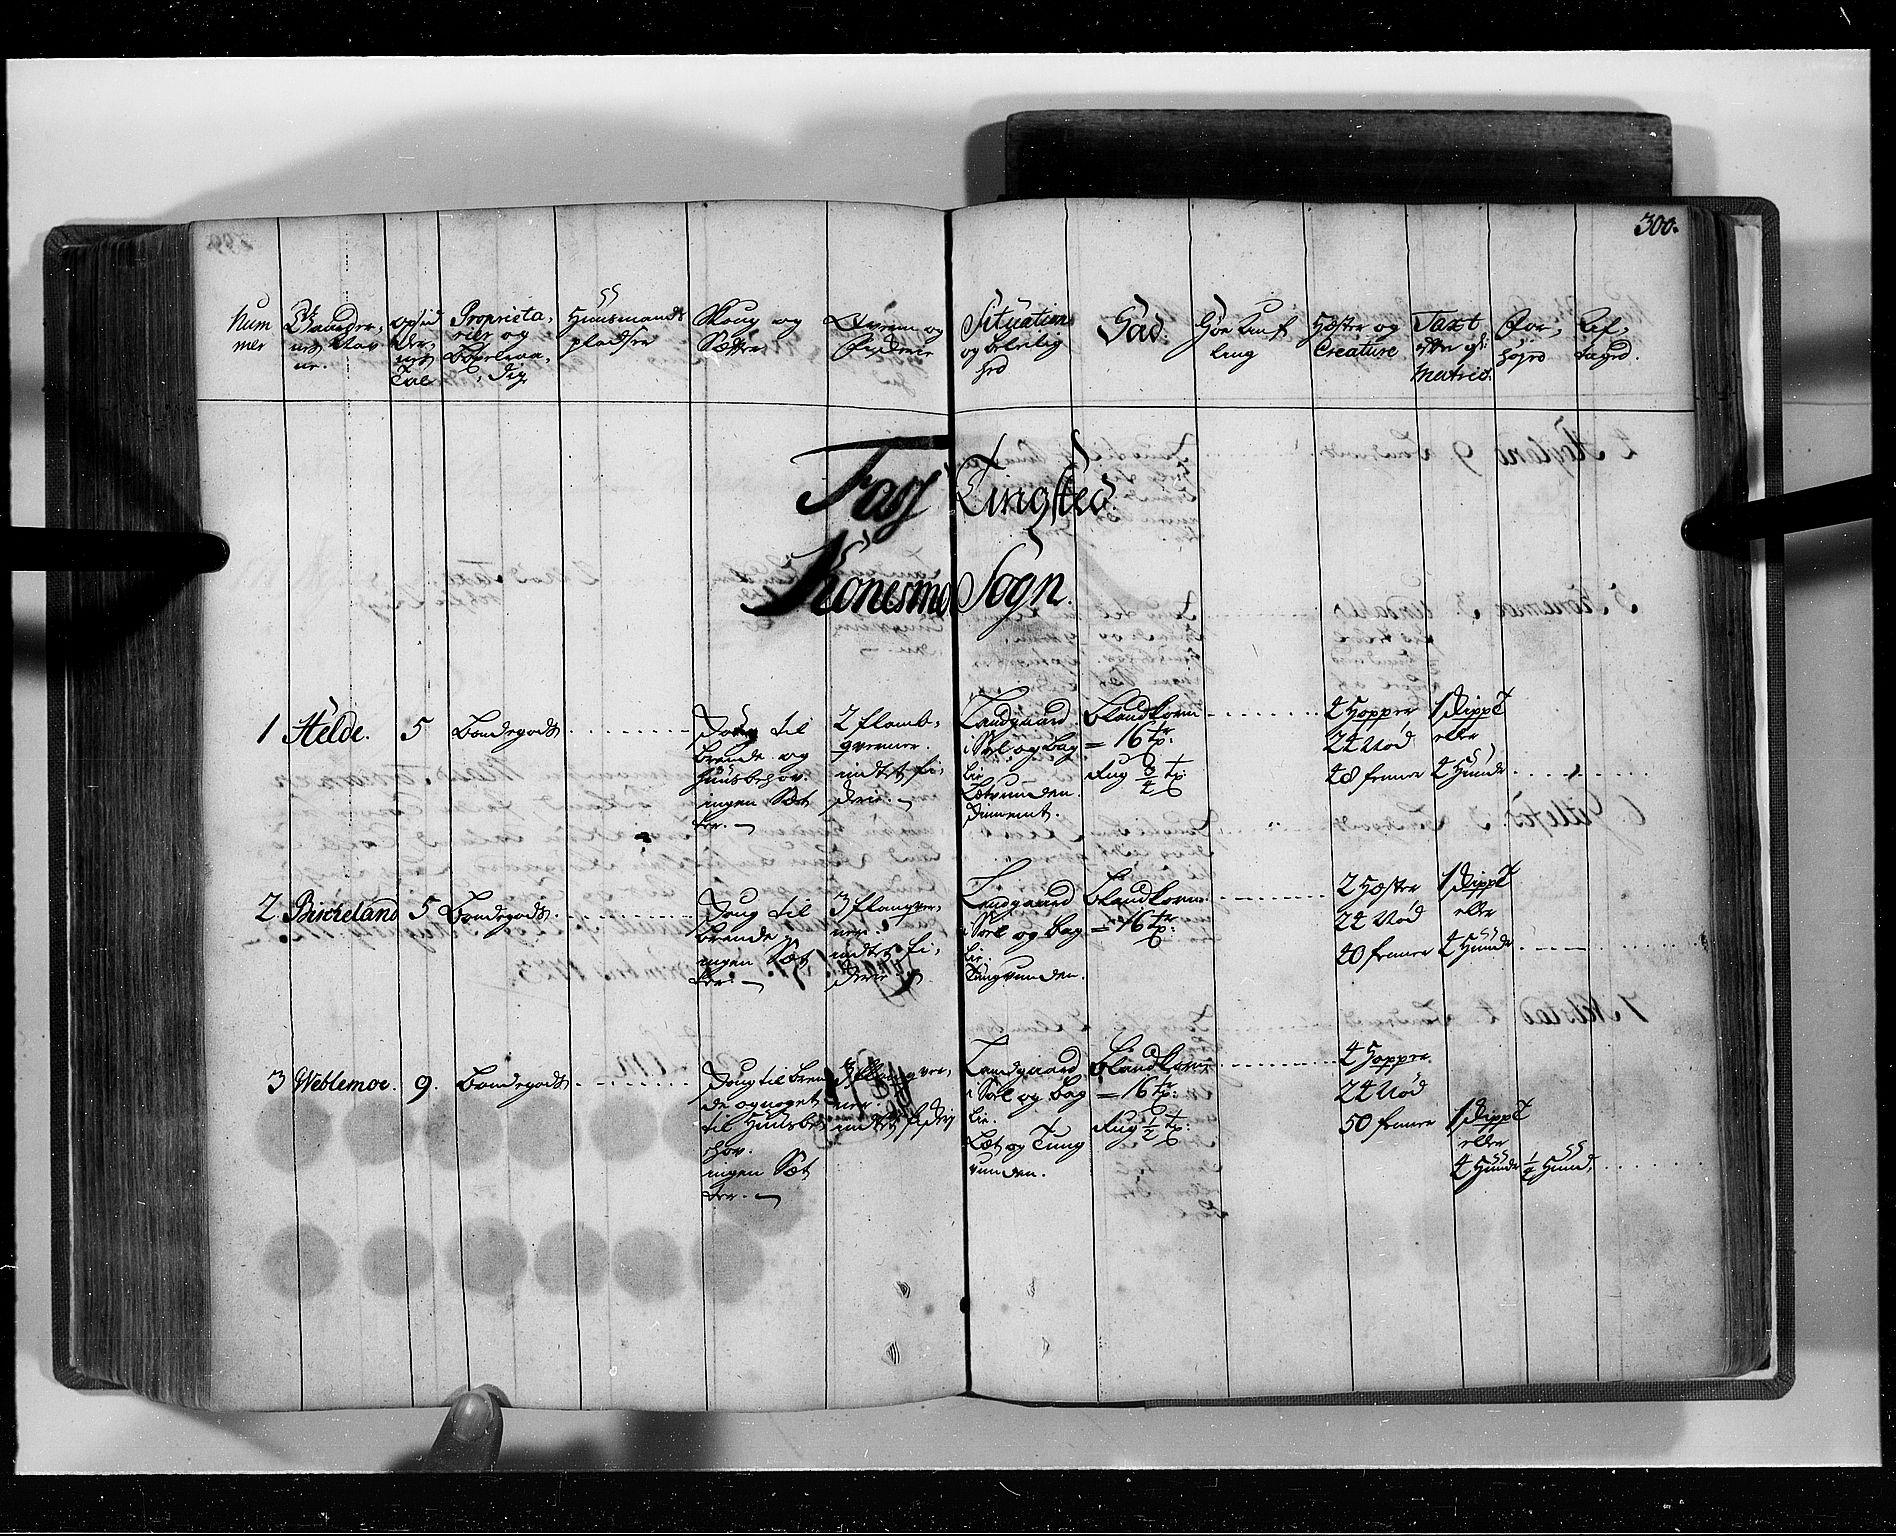 RA, Rentekammeret inntil 1814, Realistisk ordnet avdeling, N/Nb/Nbf/L0129: Lista eksaminasjonsprotokoll, 1723, s. 299b-300a